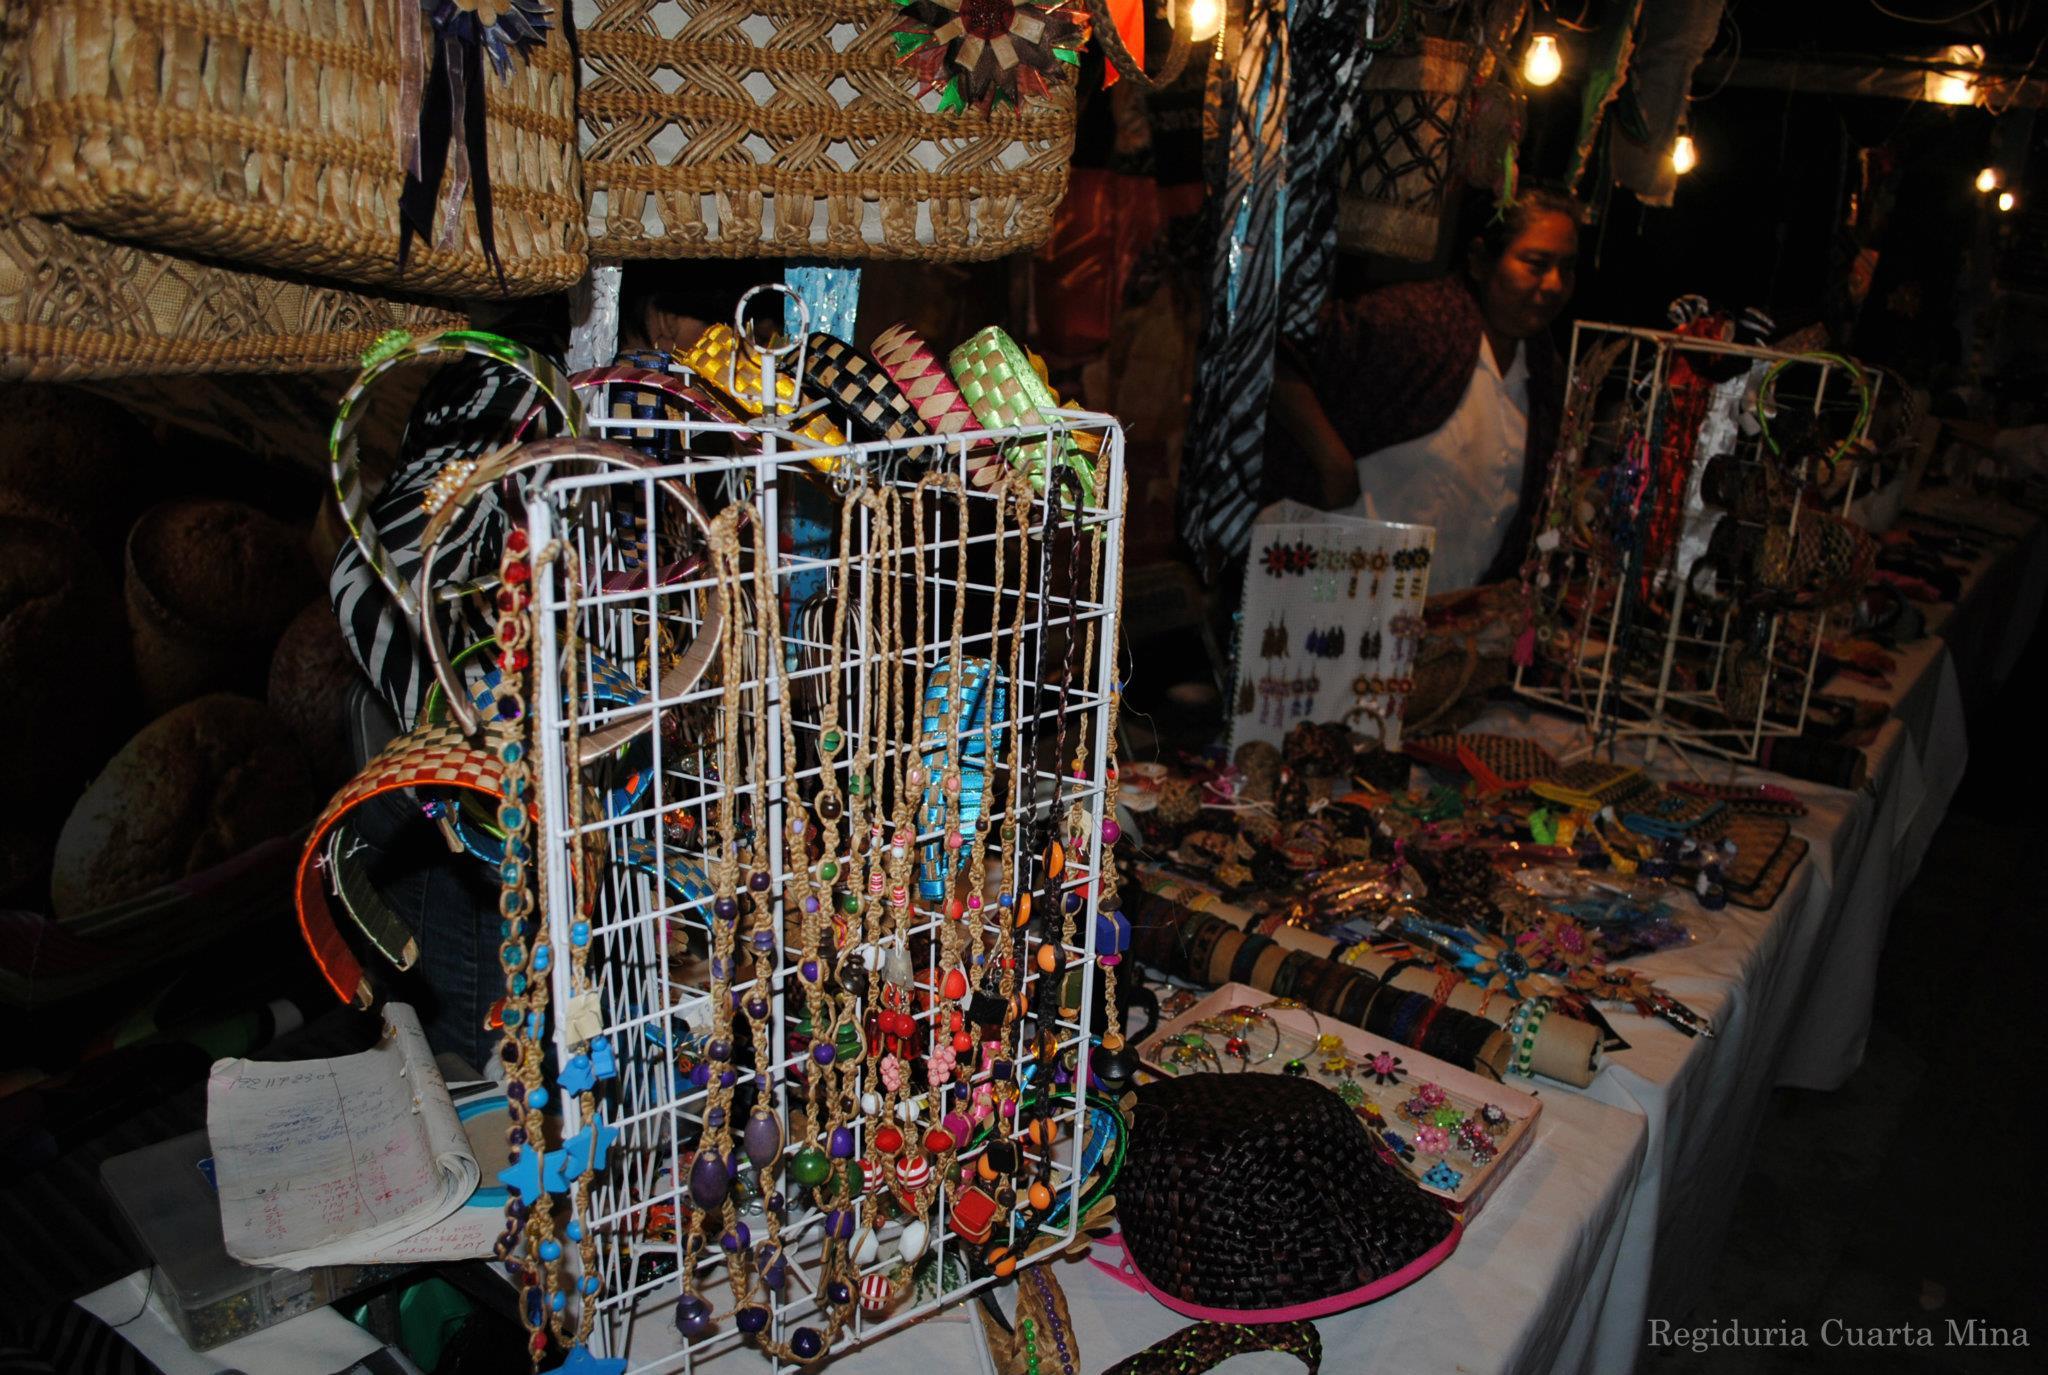 Productos artesanales, hechos por Manos Minatitlecas y de materiales como lirio acuático y hoja de maíz #Minatitlan http://t.co/86PNahI8